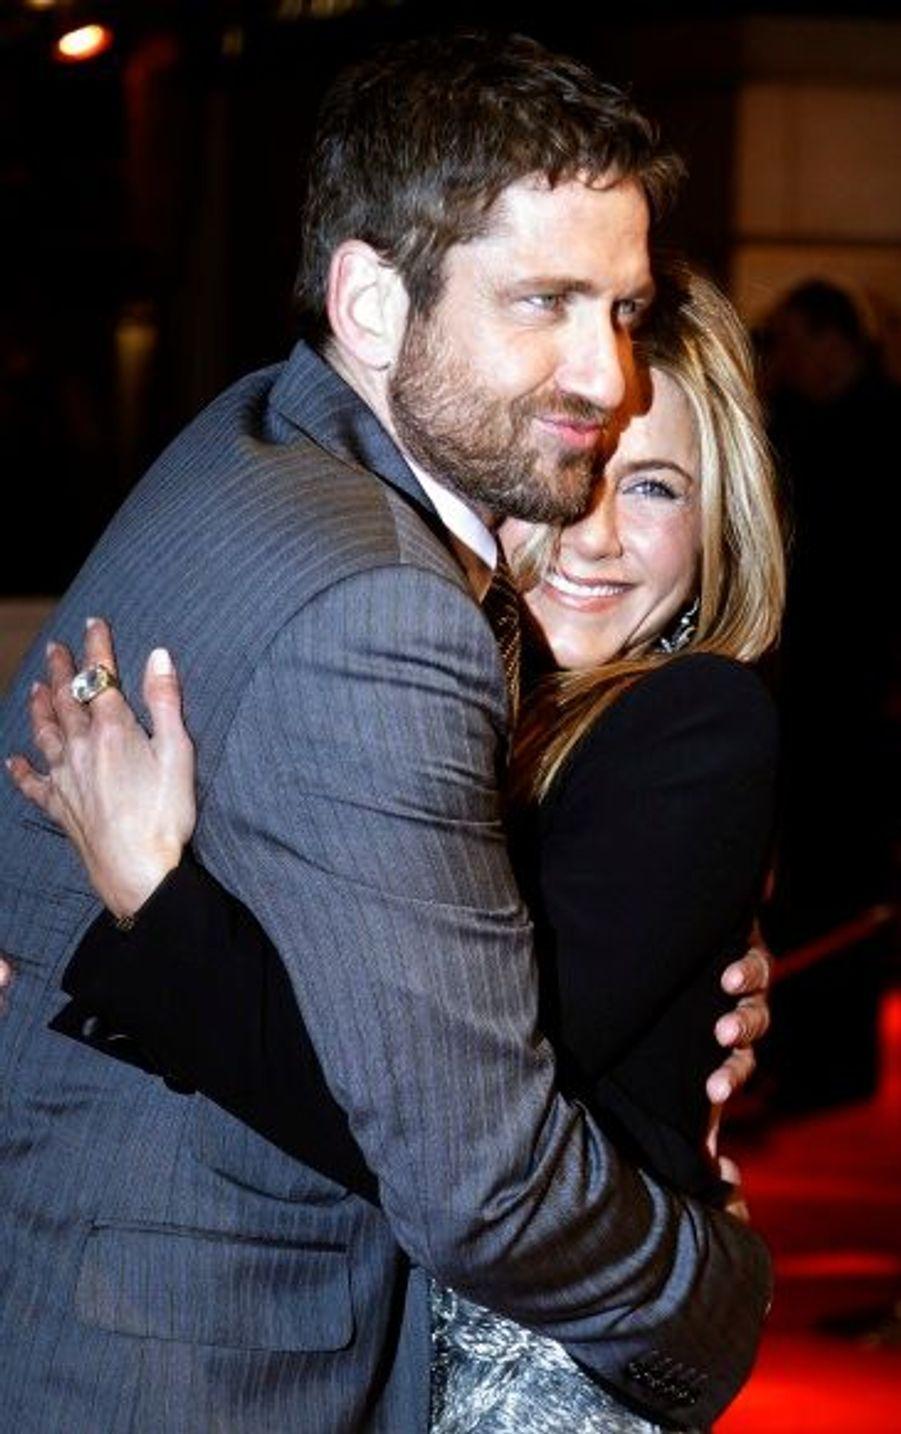 """Rebelote pour Le """"Chasseur de primes"""", un film sorti début 2010 en France. Jennifer Aniston et Gerard Butler auraient fricoté pendant le tournage/la promotion, mais rien n'est officiel."""